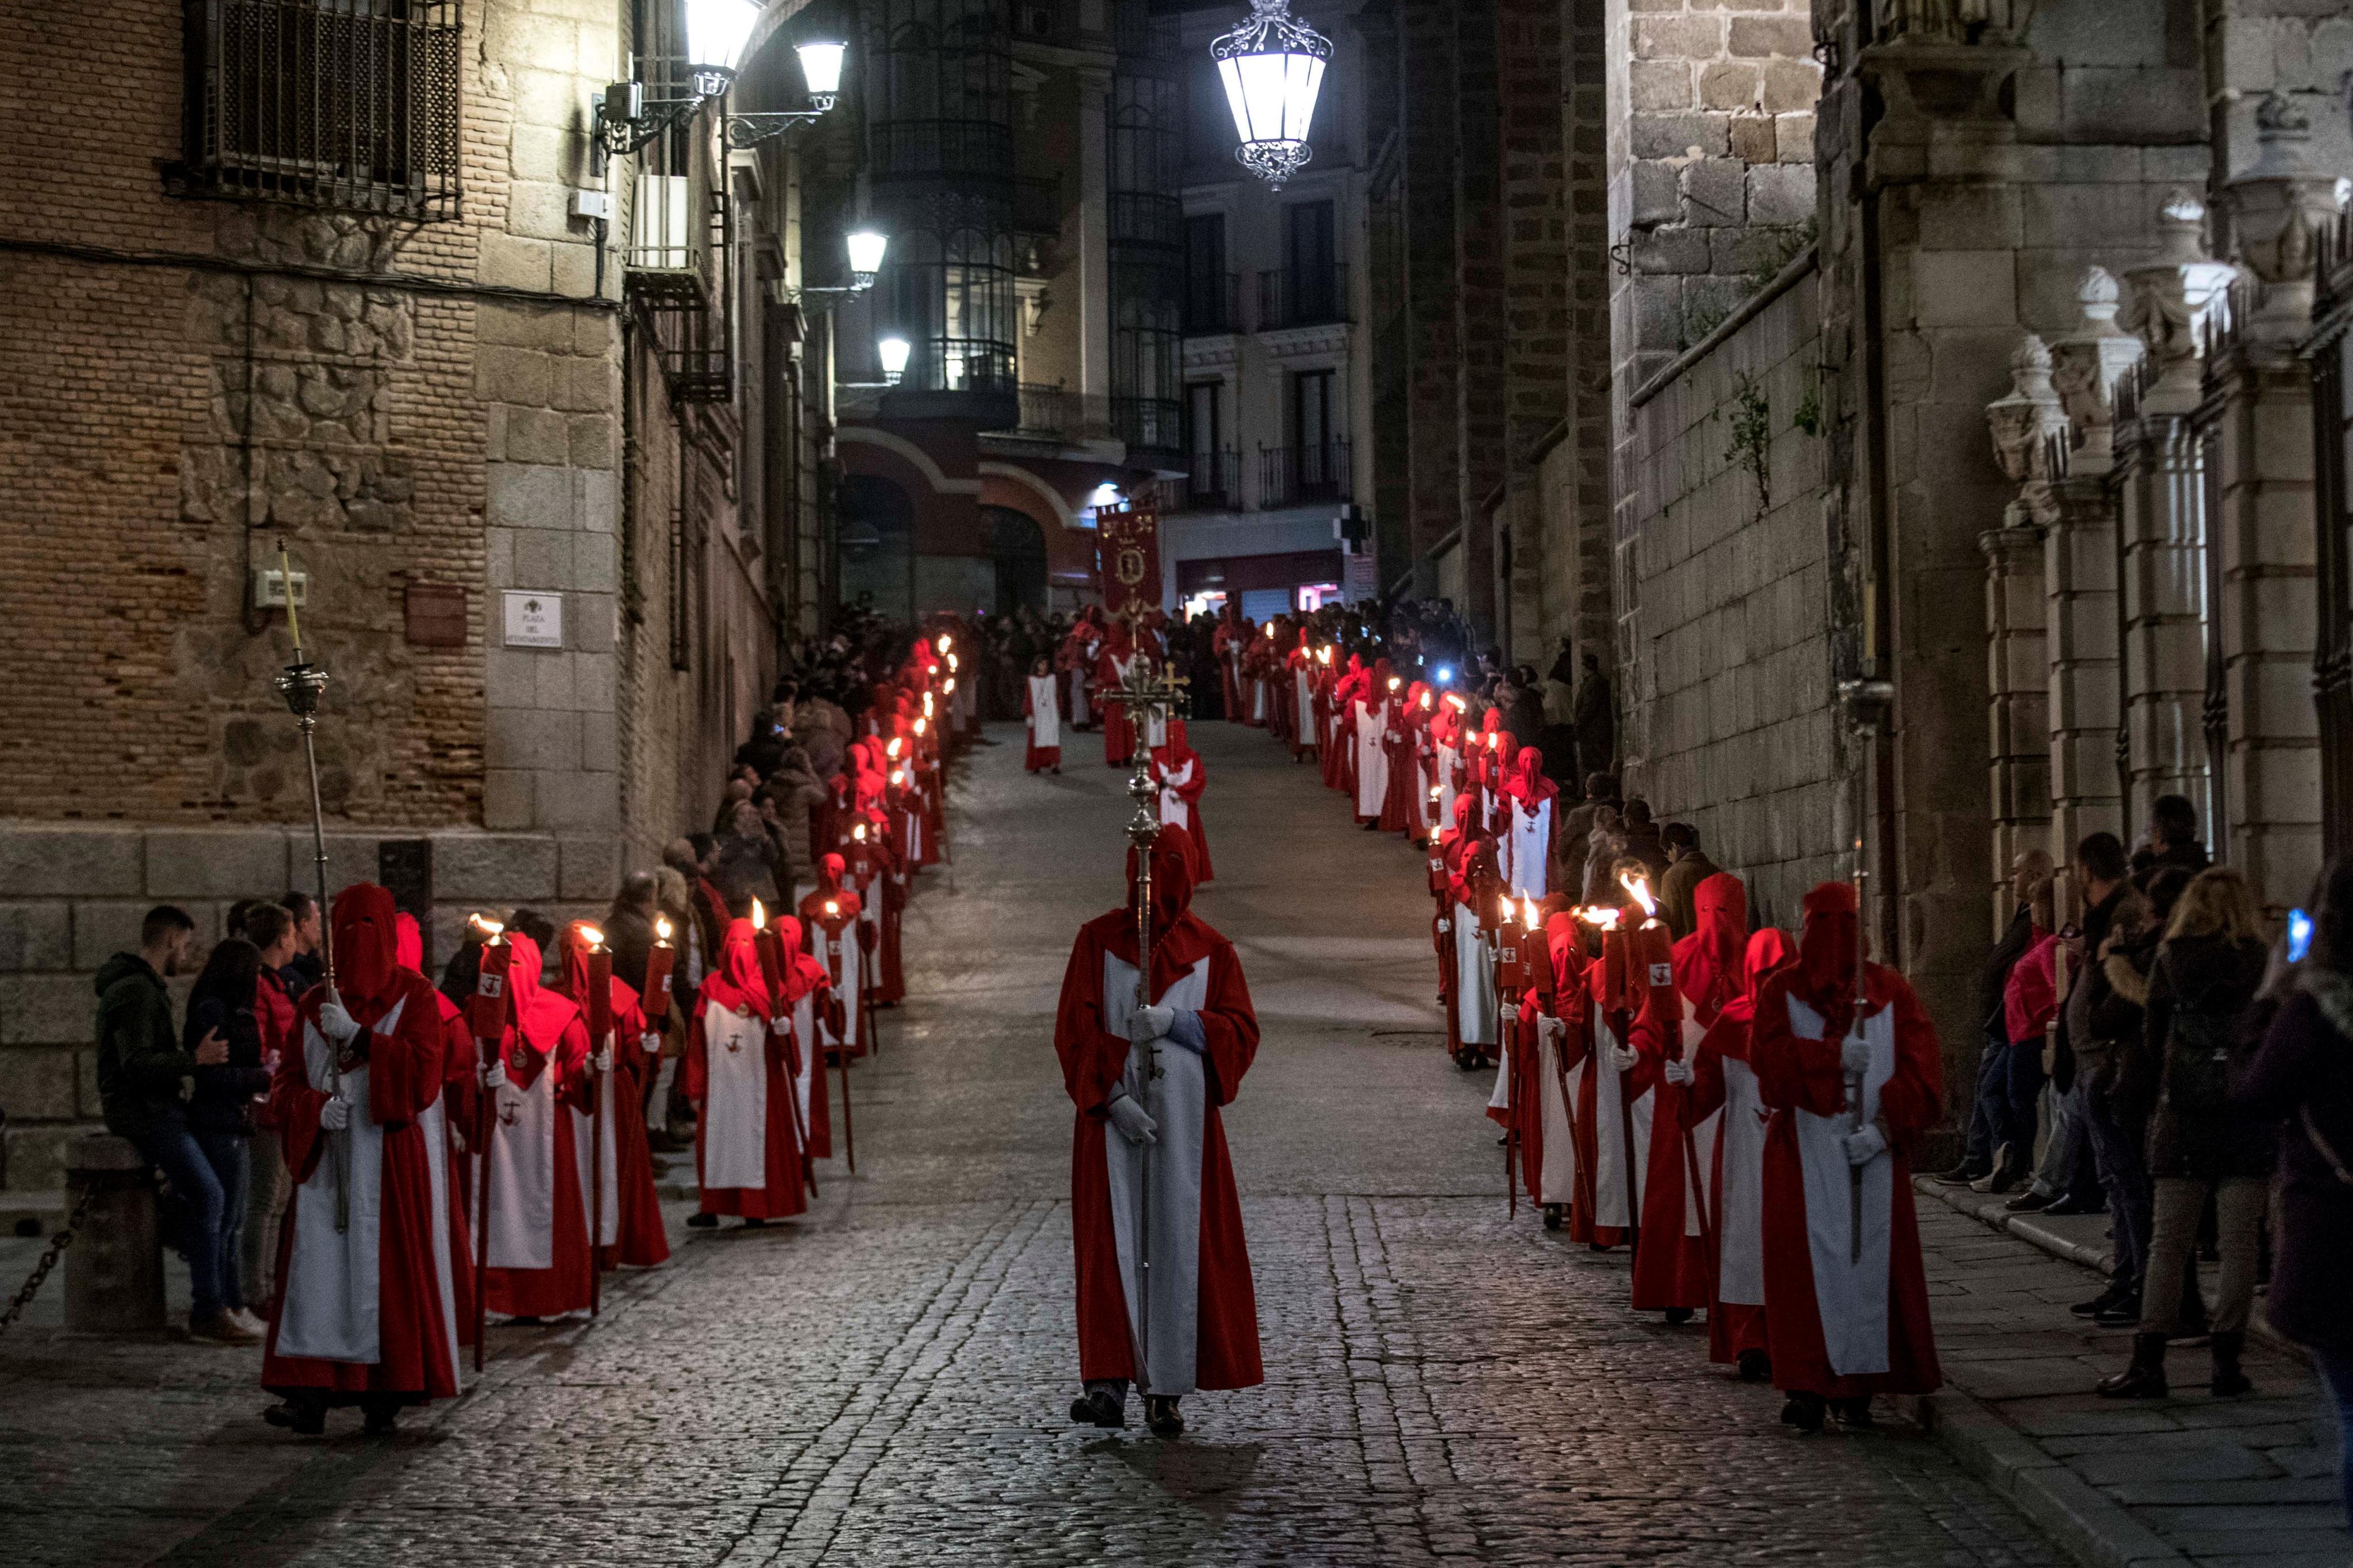 Confrares participen en la processó de Dimarts Sant del Santíssim Crist dels Àngels pels carrers del barri antic de Toledo. /ISMAEL HERRERO